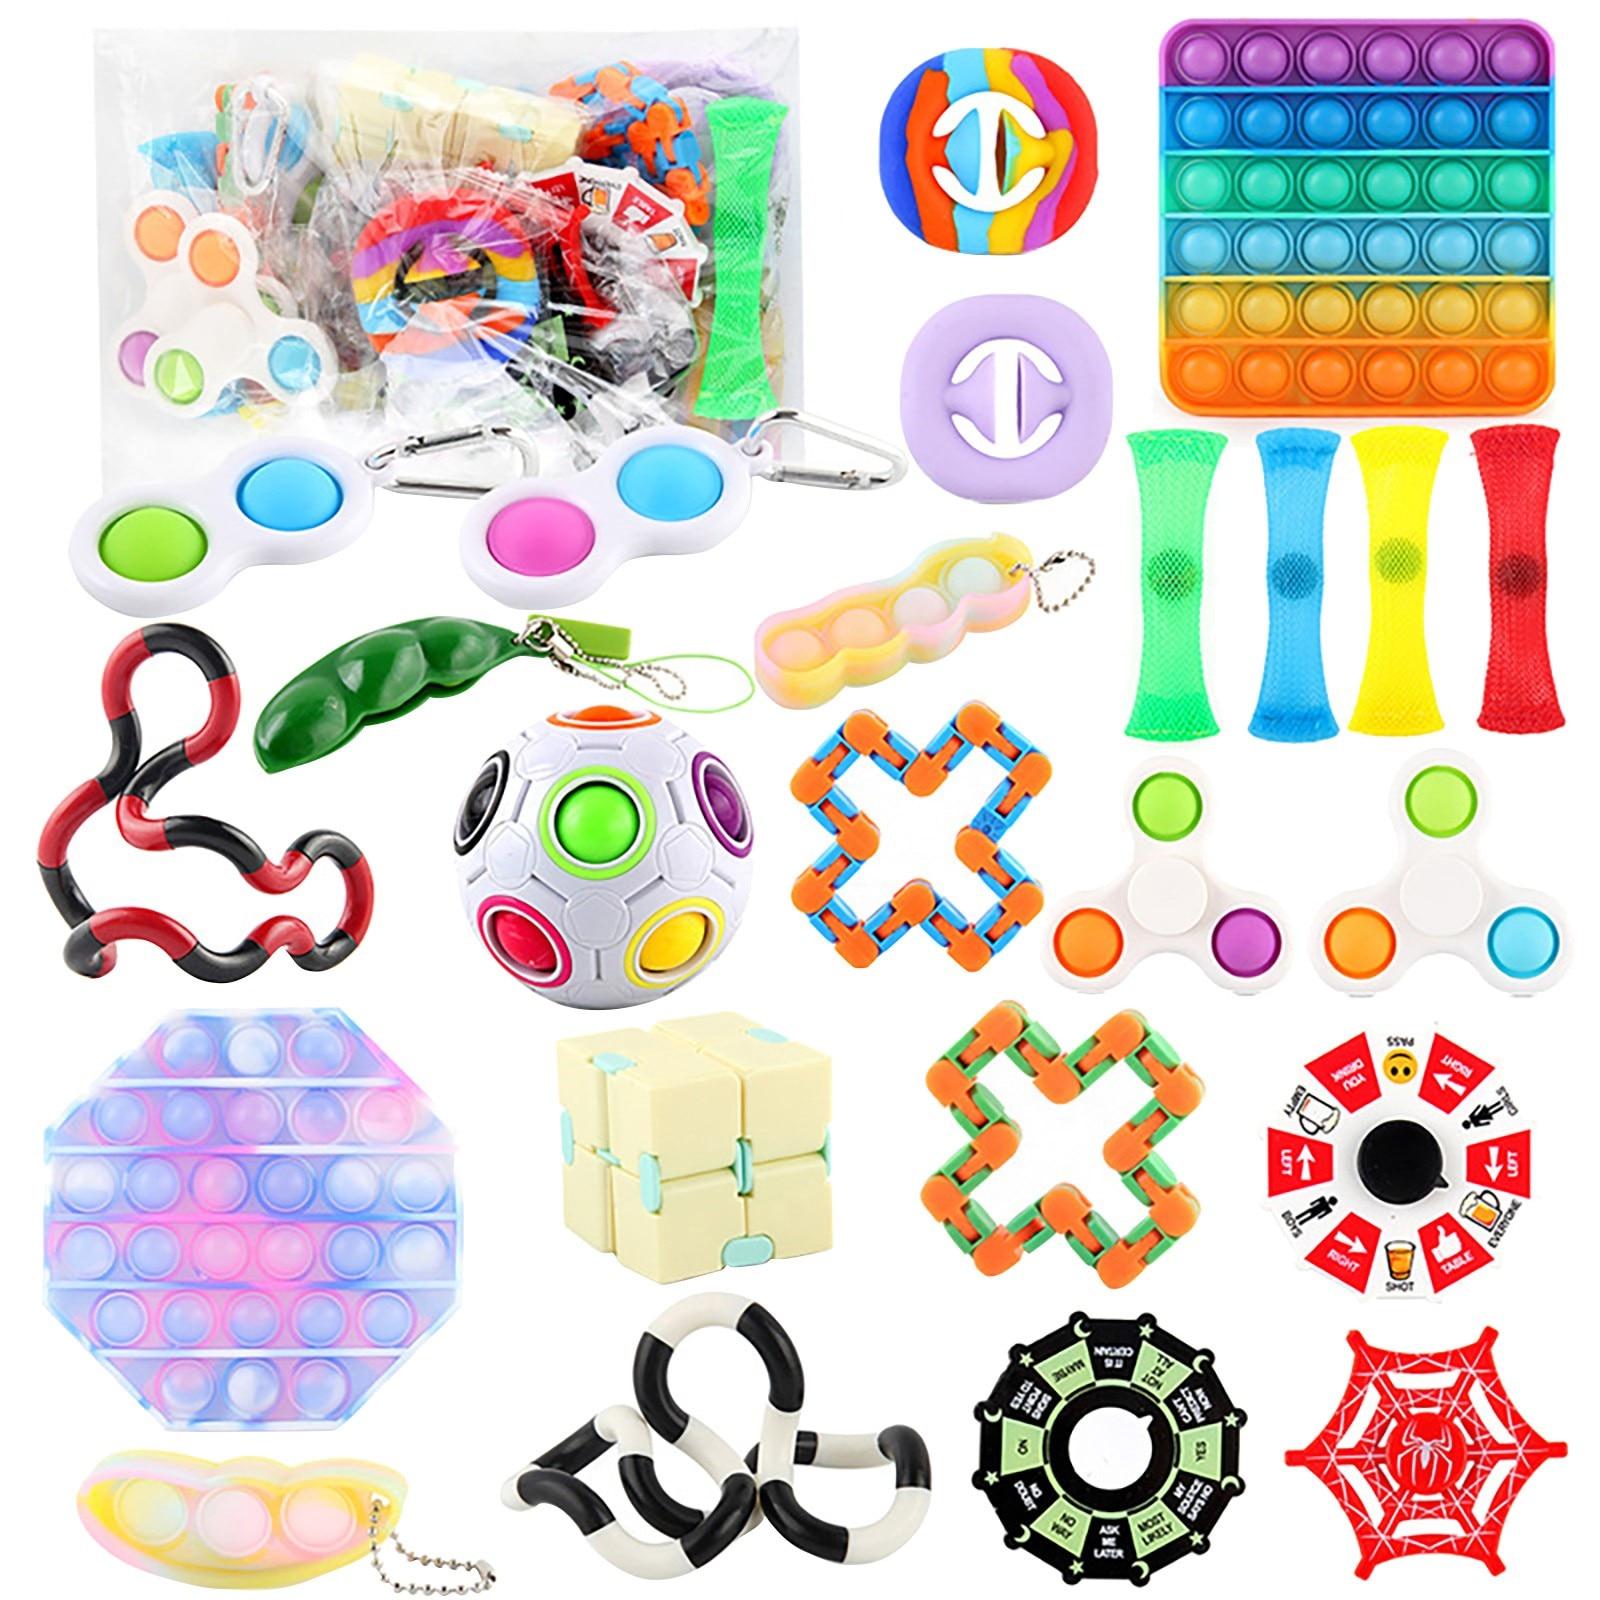 29/25Pcs Zappeln Spielzeug Set Günstige Sensorischen Zappeln Spielzeug Pack für Kinder oder Erwachsene Dekompression Spielzeug fidjets spielzeug pack антистресс